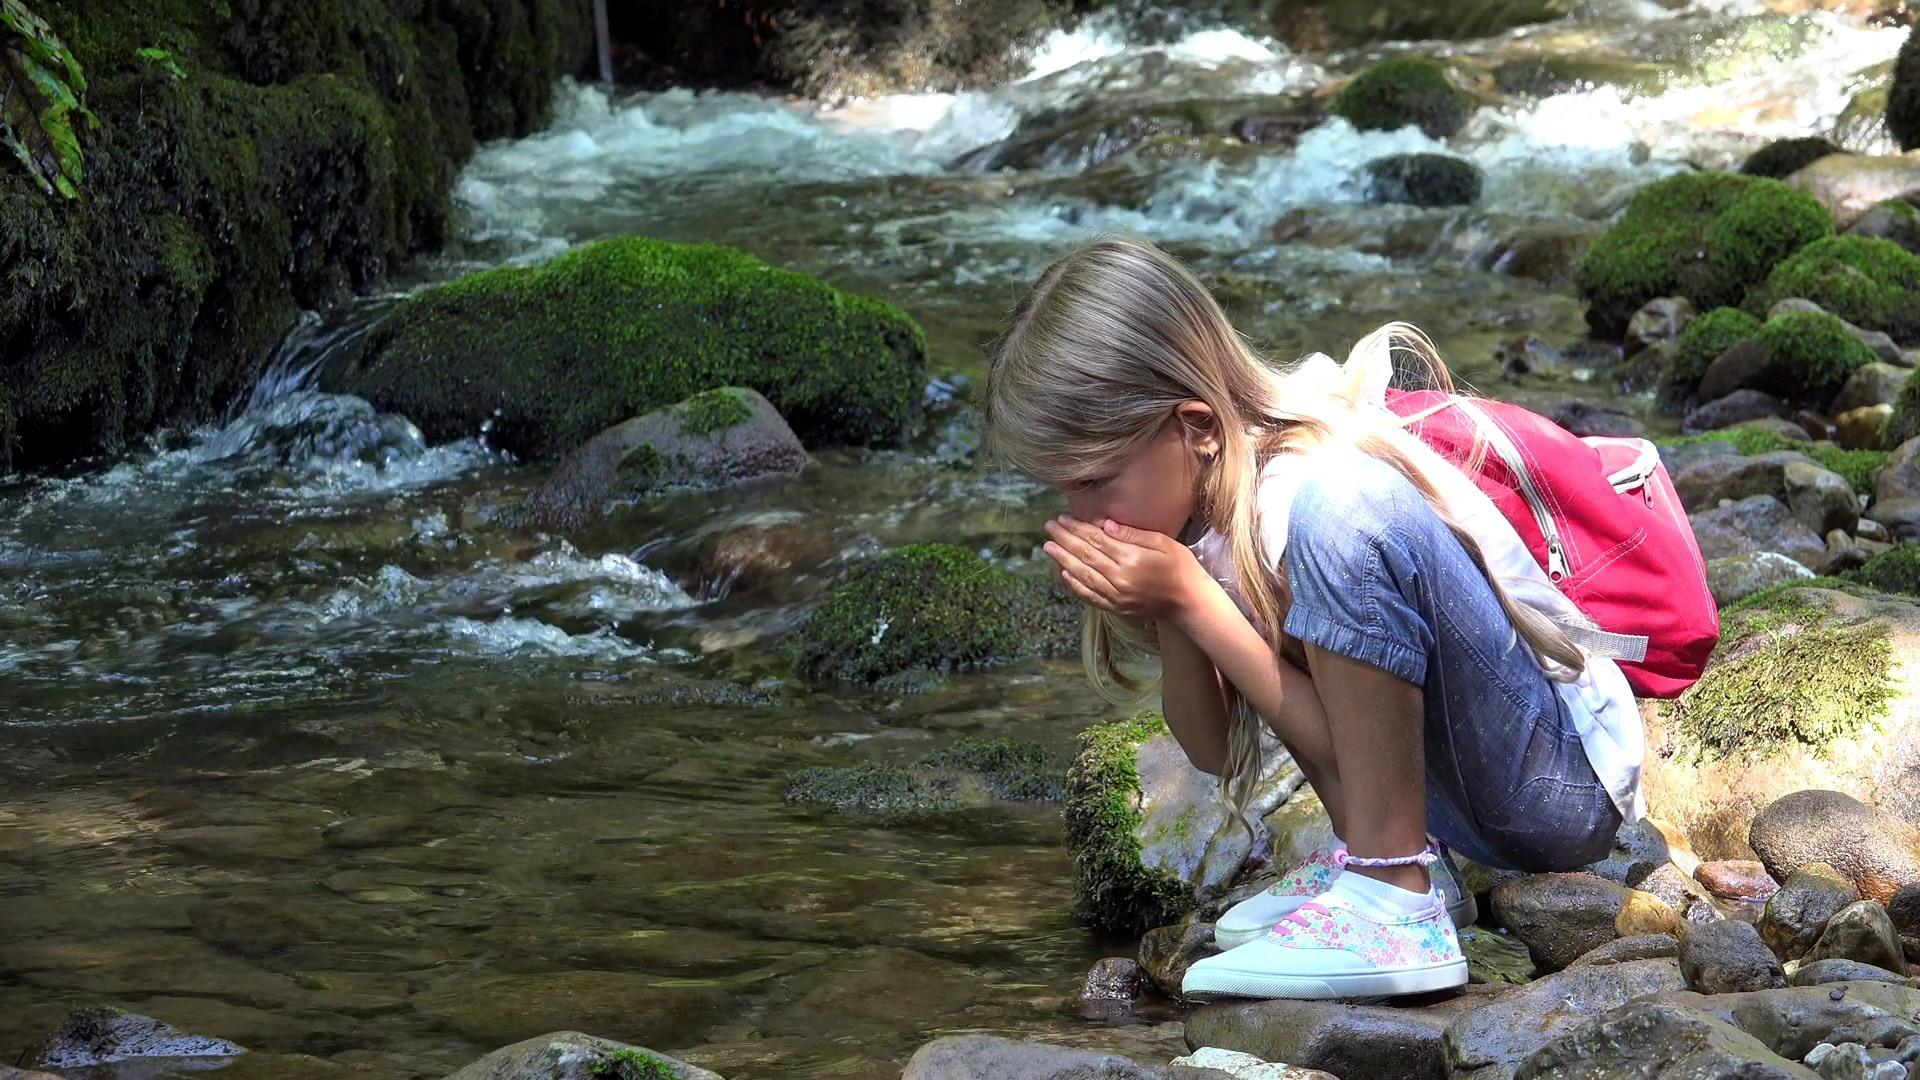 уединилась у реки она ищет